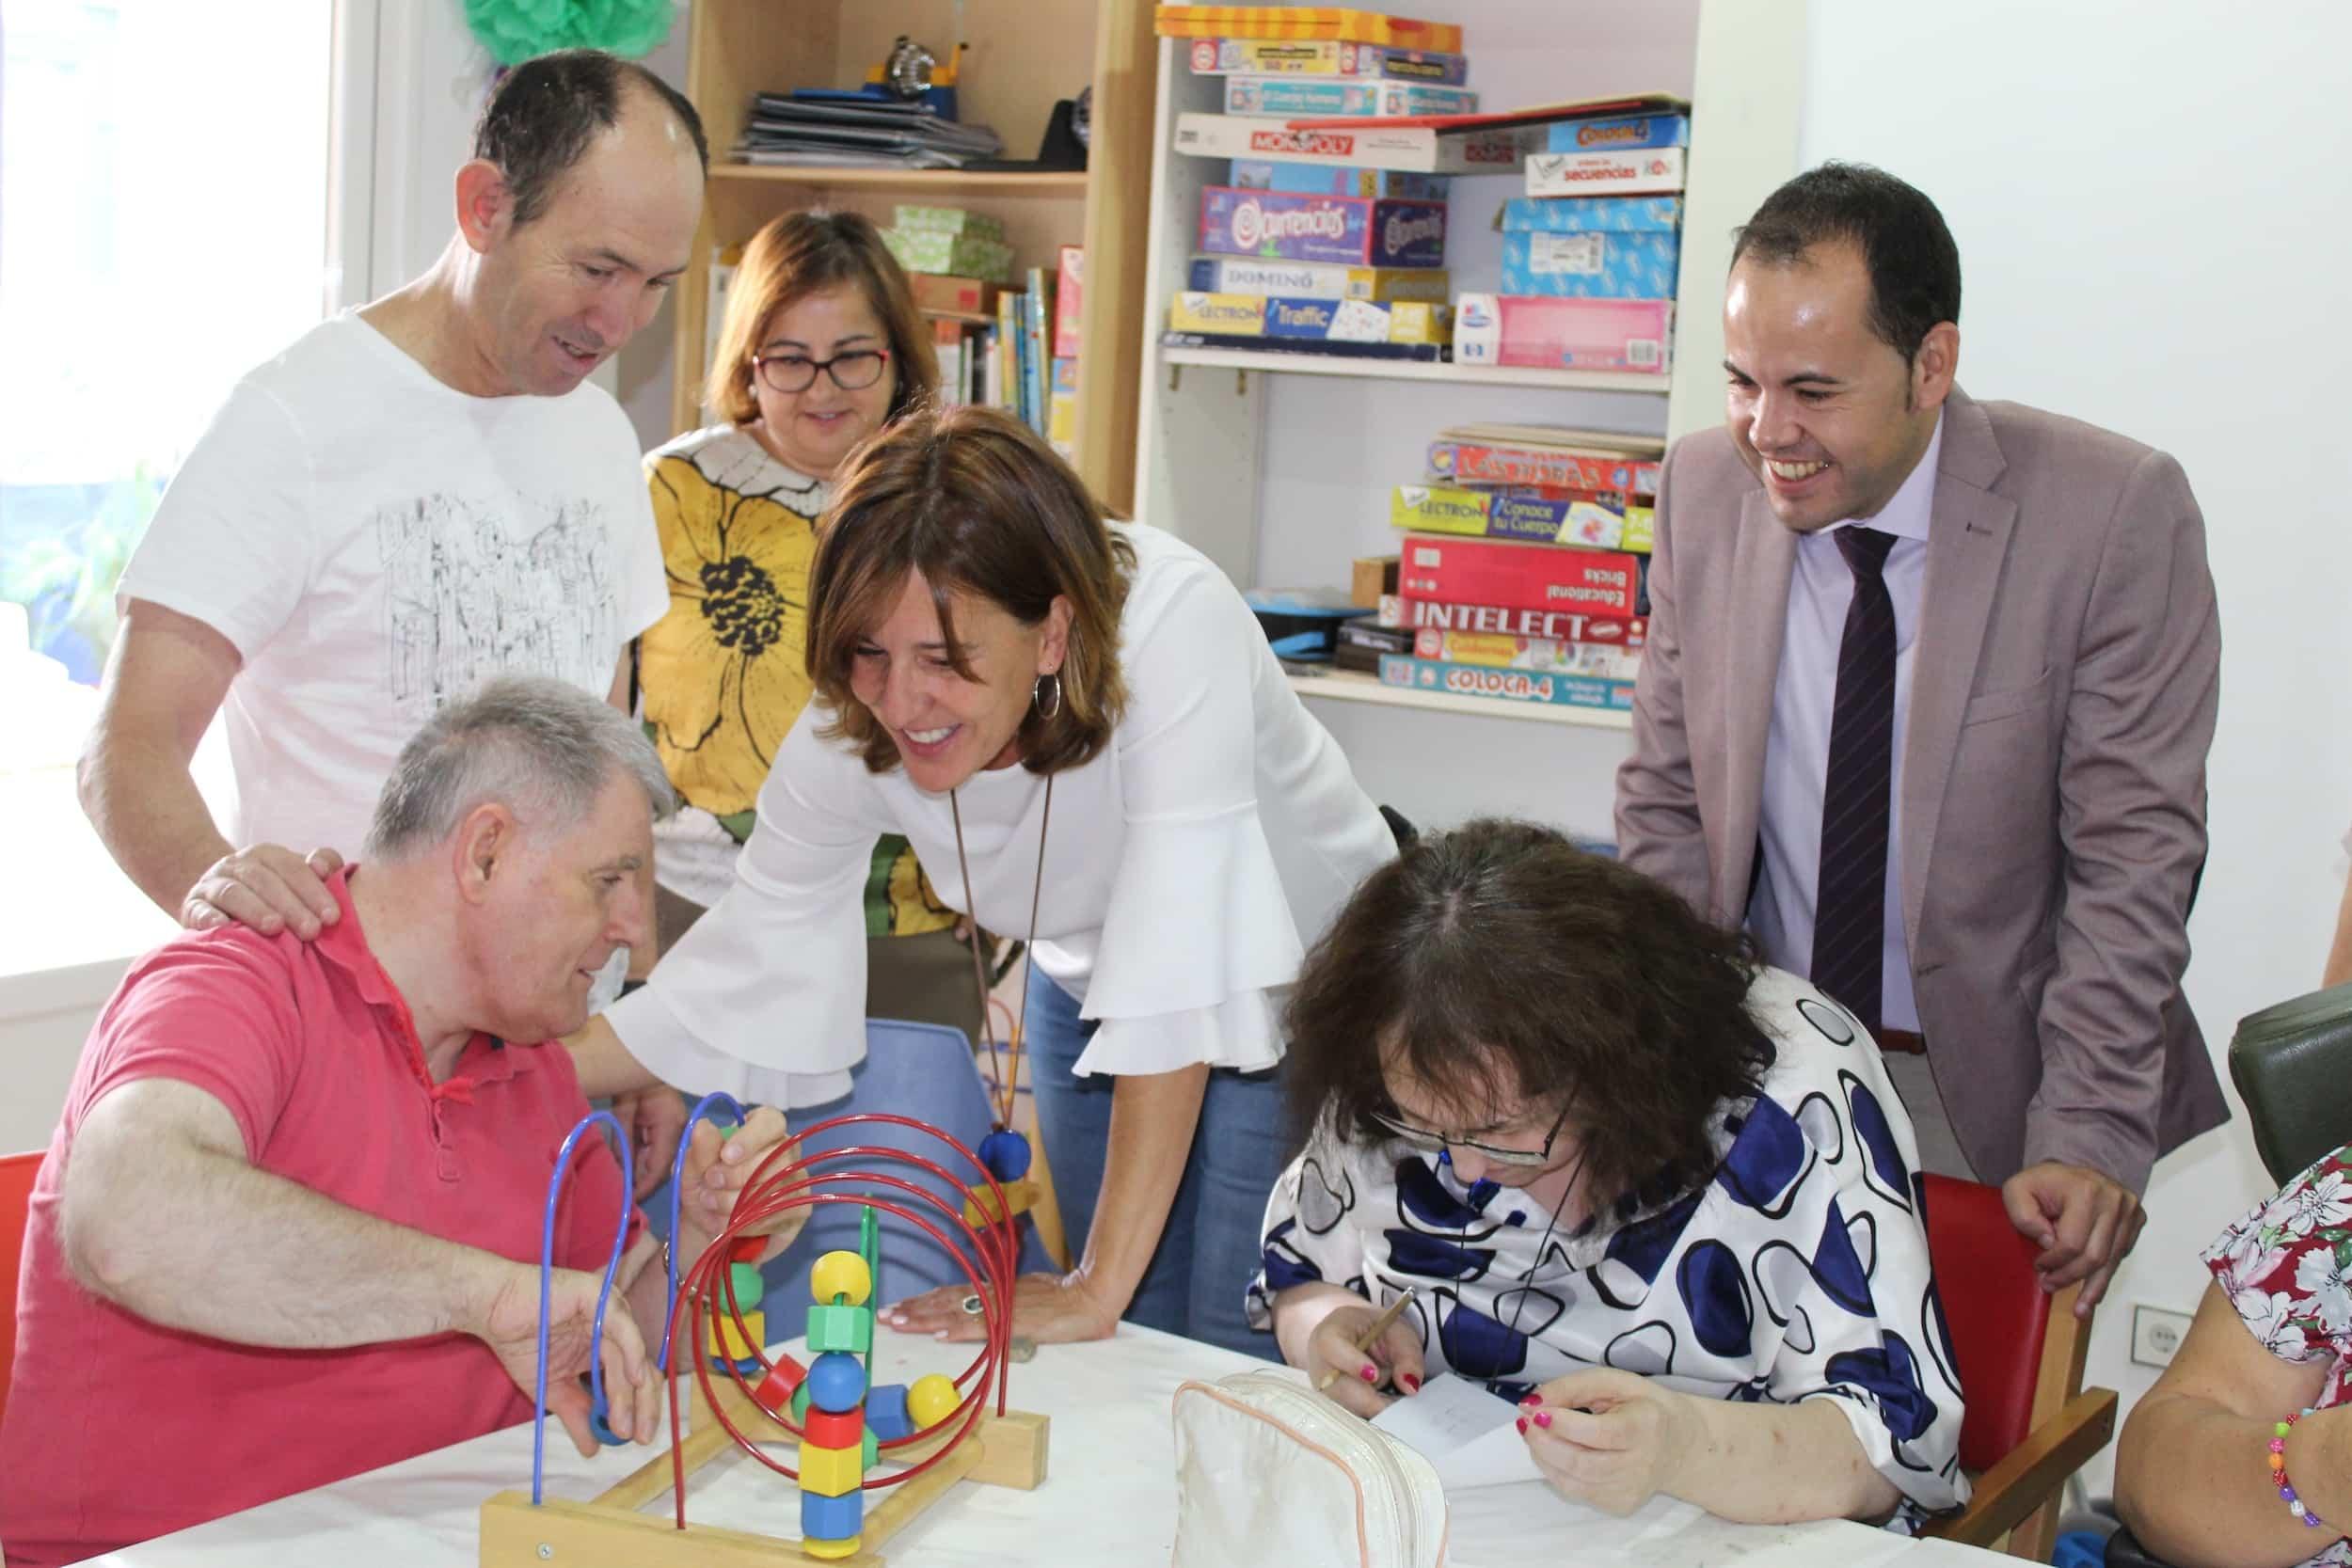 visita consejera igualda blanca a herencia 2 - La consejera de Igualdad y portavoz ha visitado Herencia (Ciudad Real)